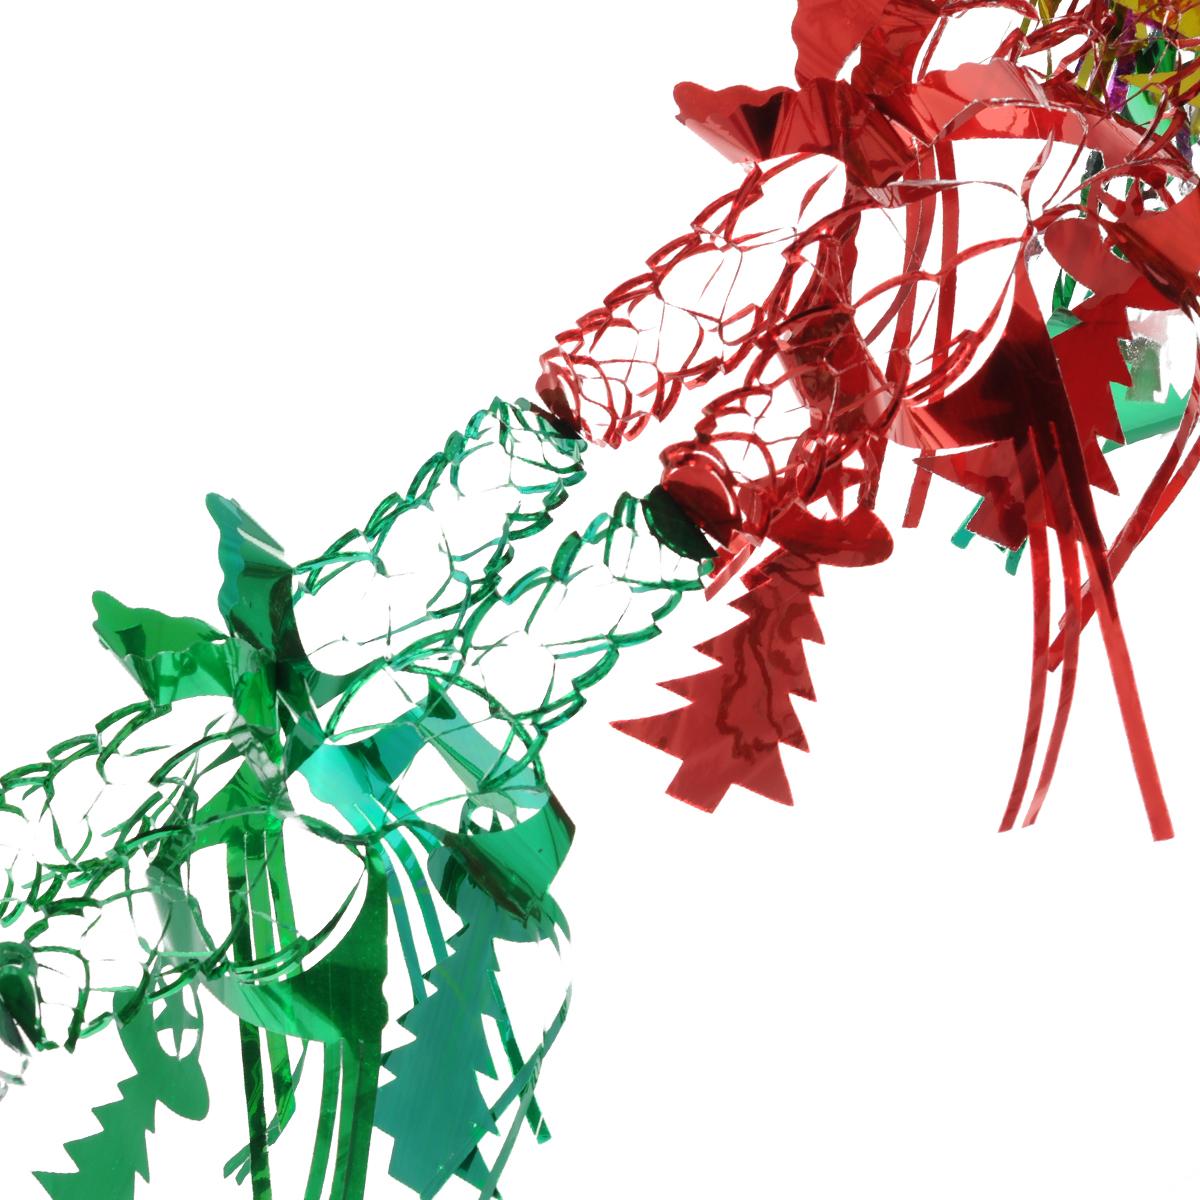 Новогодняя гирлянда Елочка с бахромой, цвет: мульти, 2,2 м. 3438234382Новогодняя гирлянда прекрасно подойдет для декора дома или офиса. Украшение выполнено из разноцветной металлизированной фольги. С помощью специальных петелек гирлянду можно повесить в любом понравившемся вам месте. Украшение легко складывается и раскладывается. Новогодние украшения несут в себе волшебство и красоту праздника. Они помогут вам украсить дом к предстоящим праздникам и оживить интерьер по вашему вкусу. Создайте в доме атмосферу тепла, веселья и радости, украшая его всей семьей.